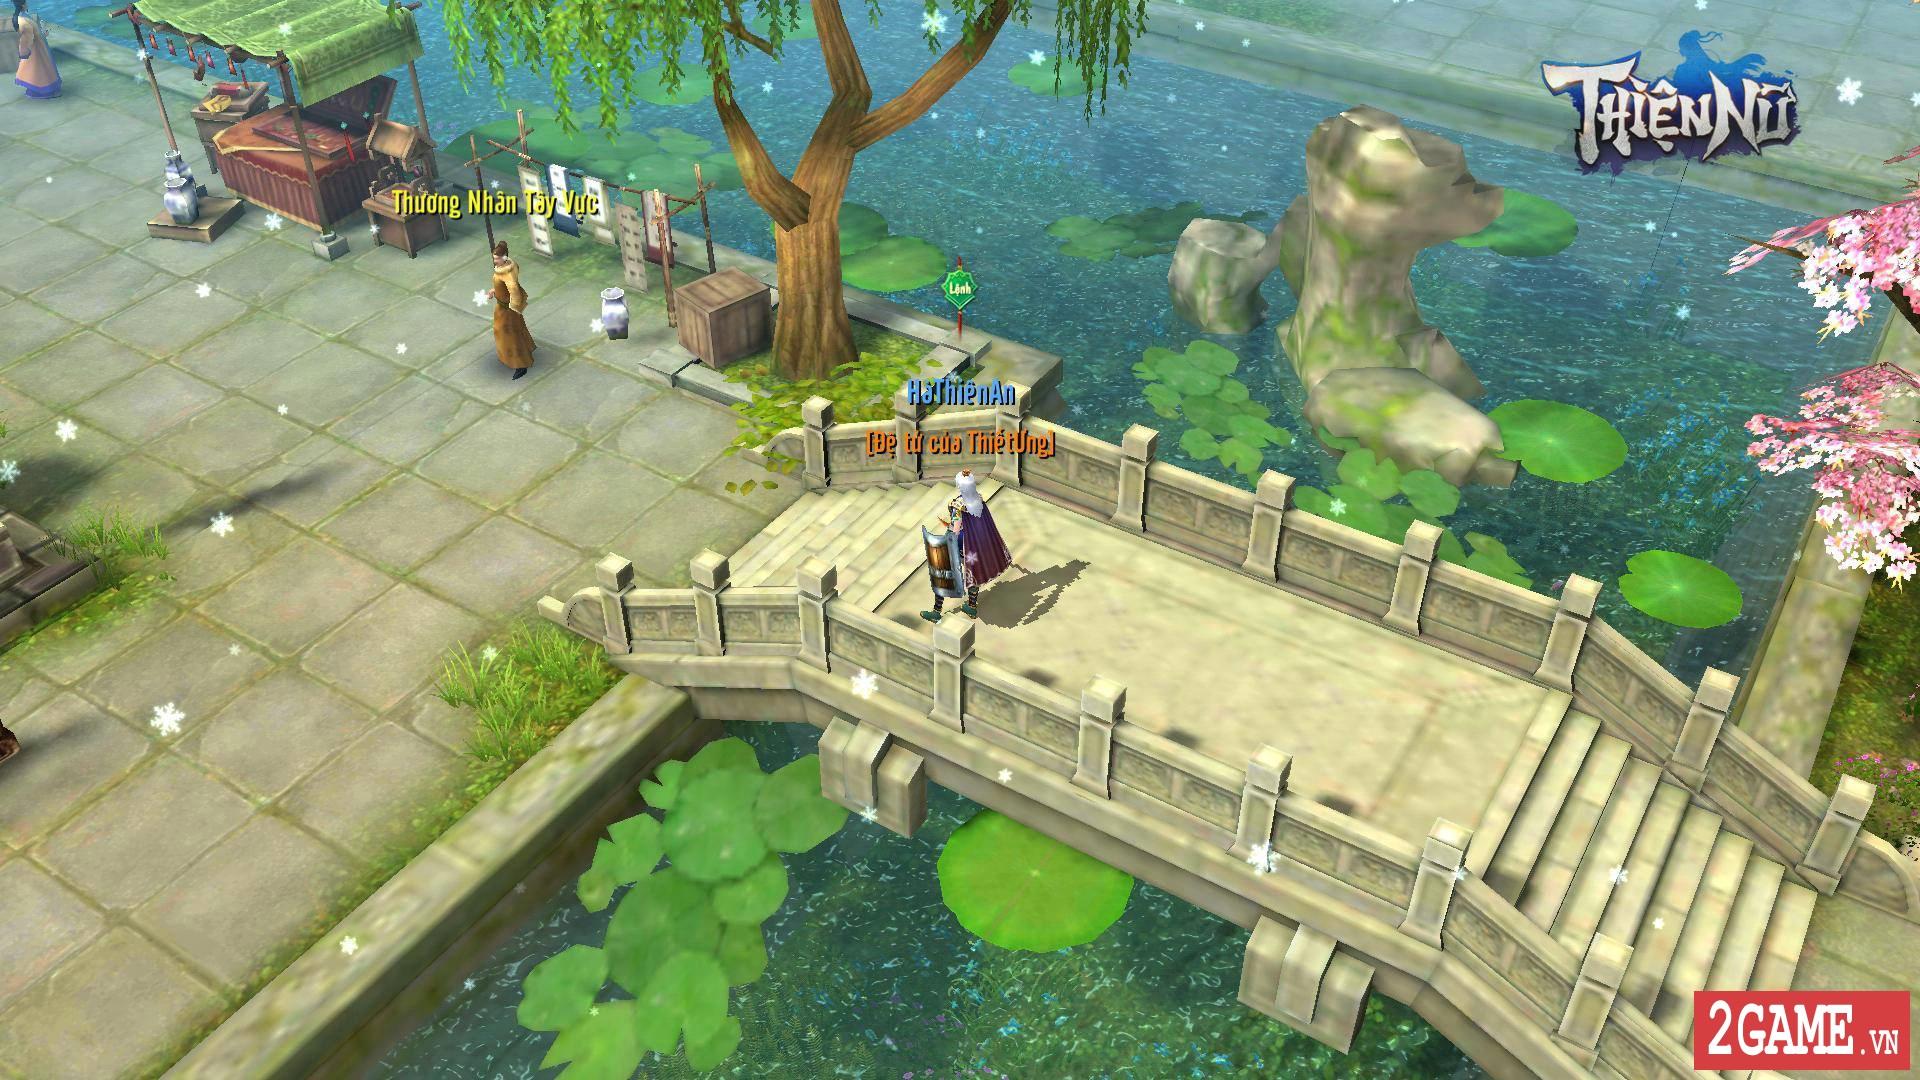 Game thủ Thiện Nữ Mobile bắt đầu gạ gẫm nhau đi chụp hình cưới trong game 3